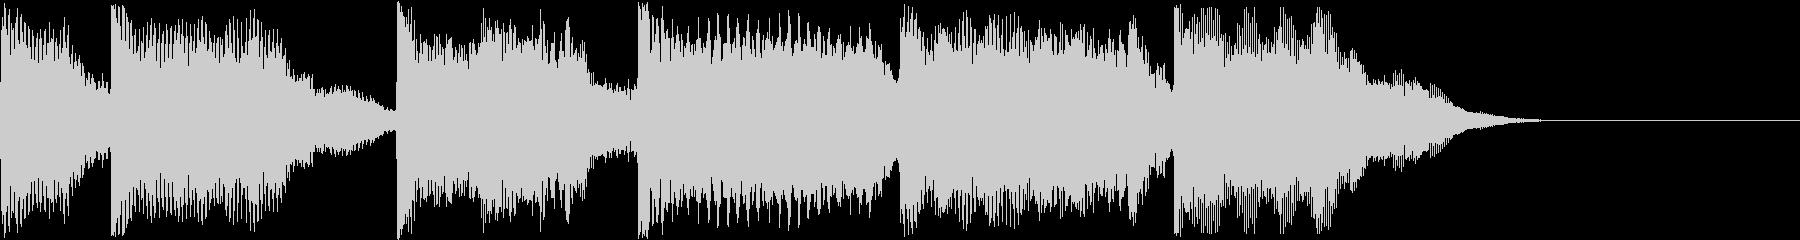 AI メカ/ロボ/マシン動作音 43の未再生の波形